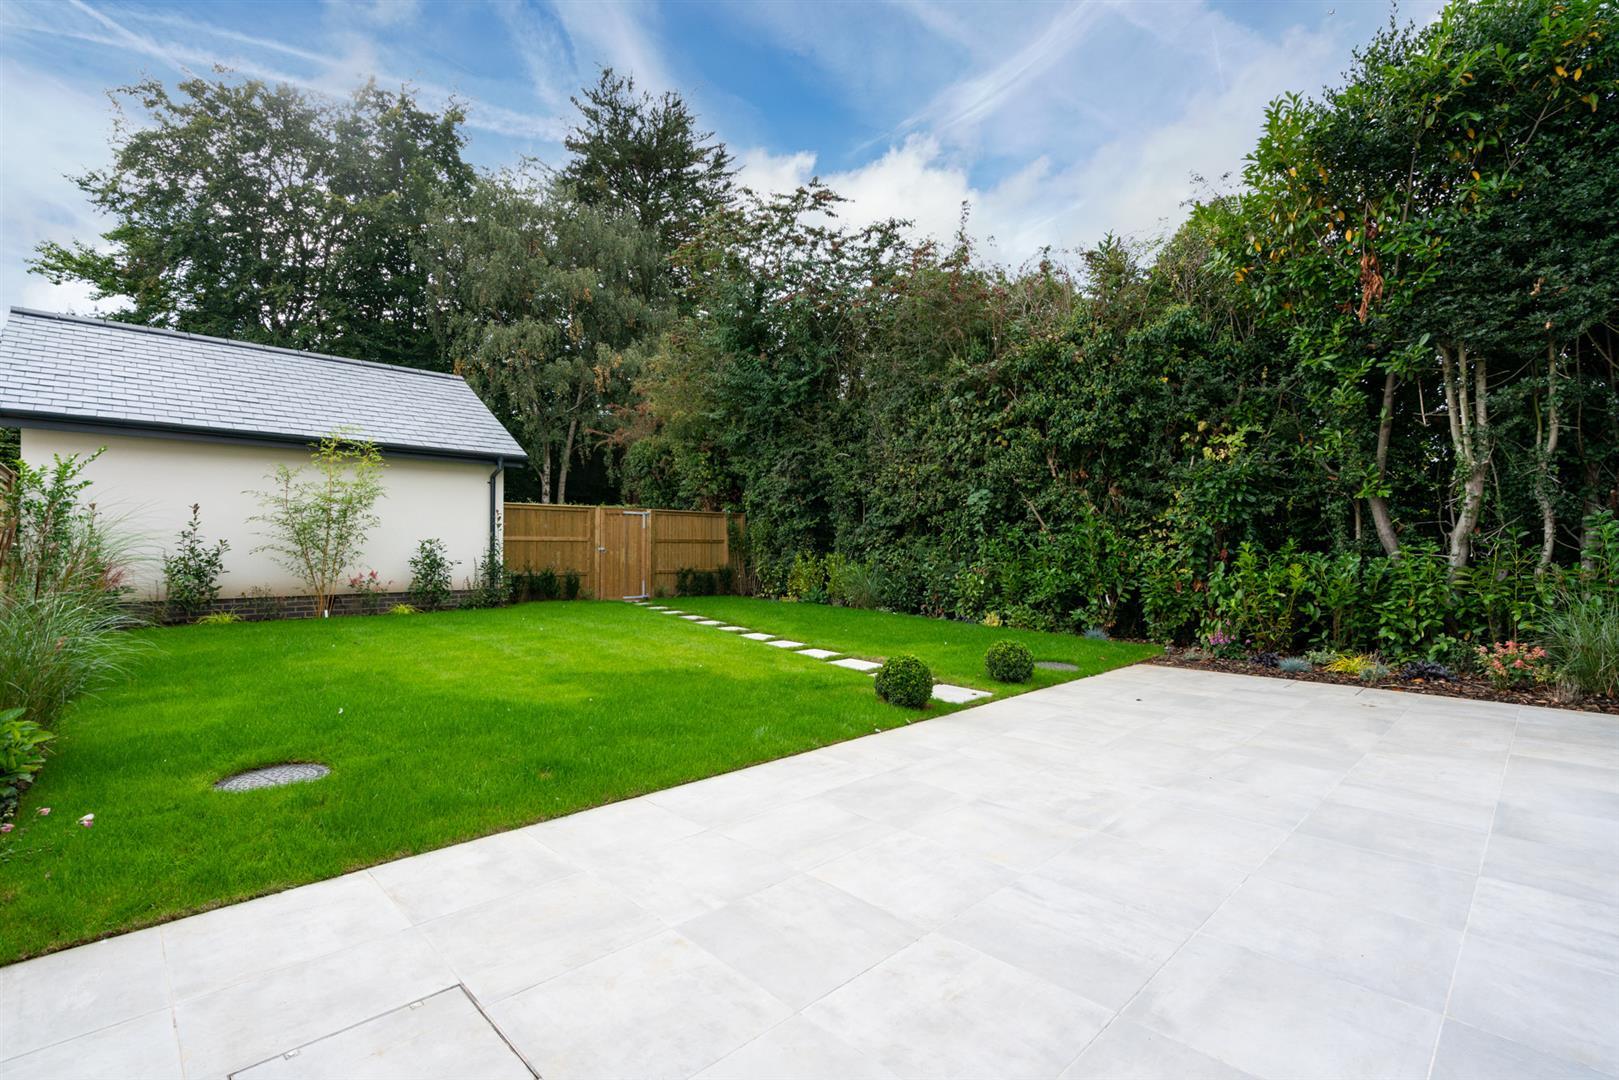 Bramley-4-  garden view.jpg